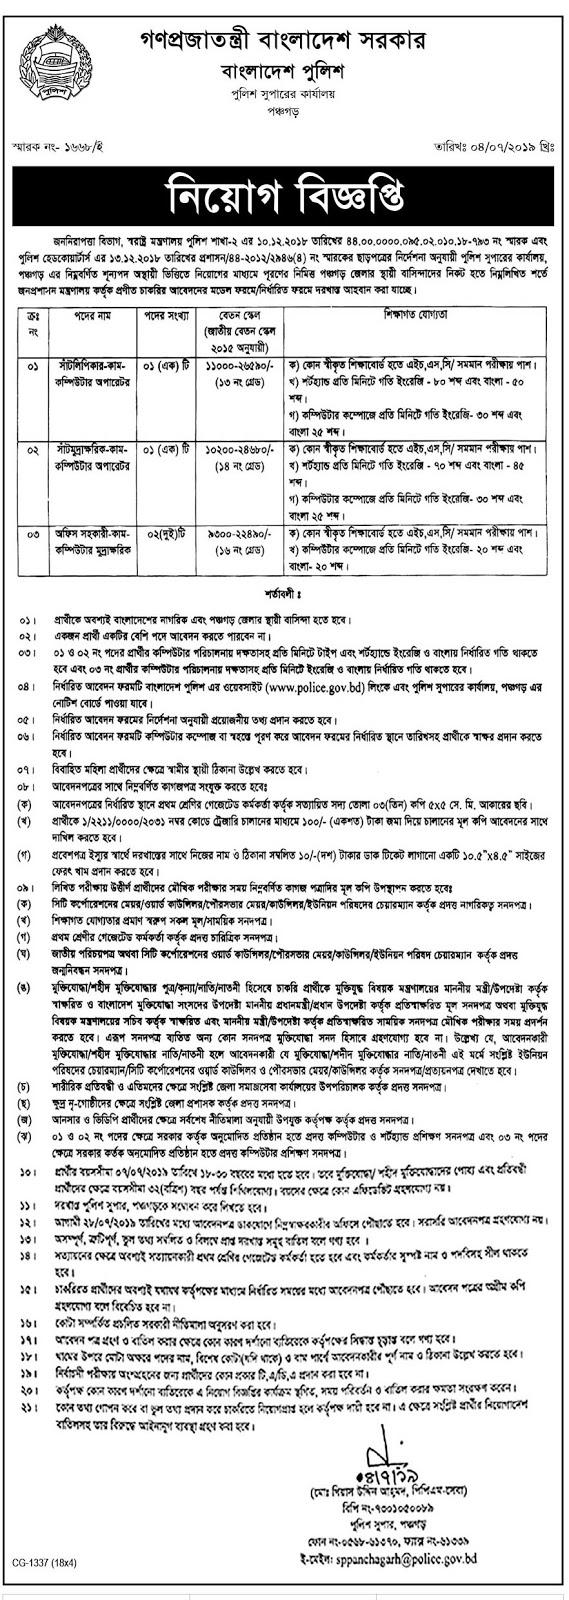 বাংলাদেশ পুলিশ নিয়োগ বিজ্ঞপ্তি 2020